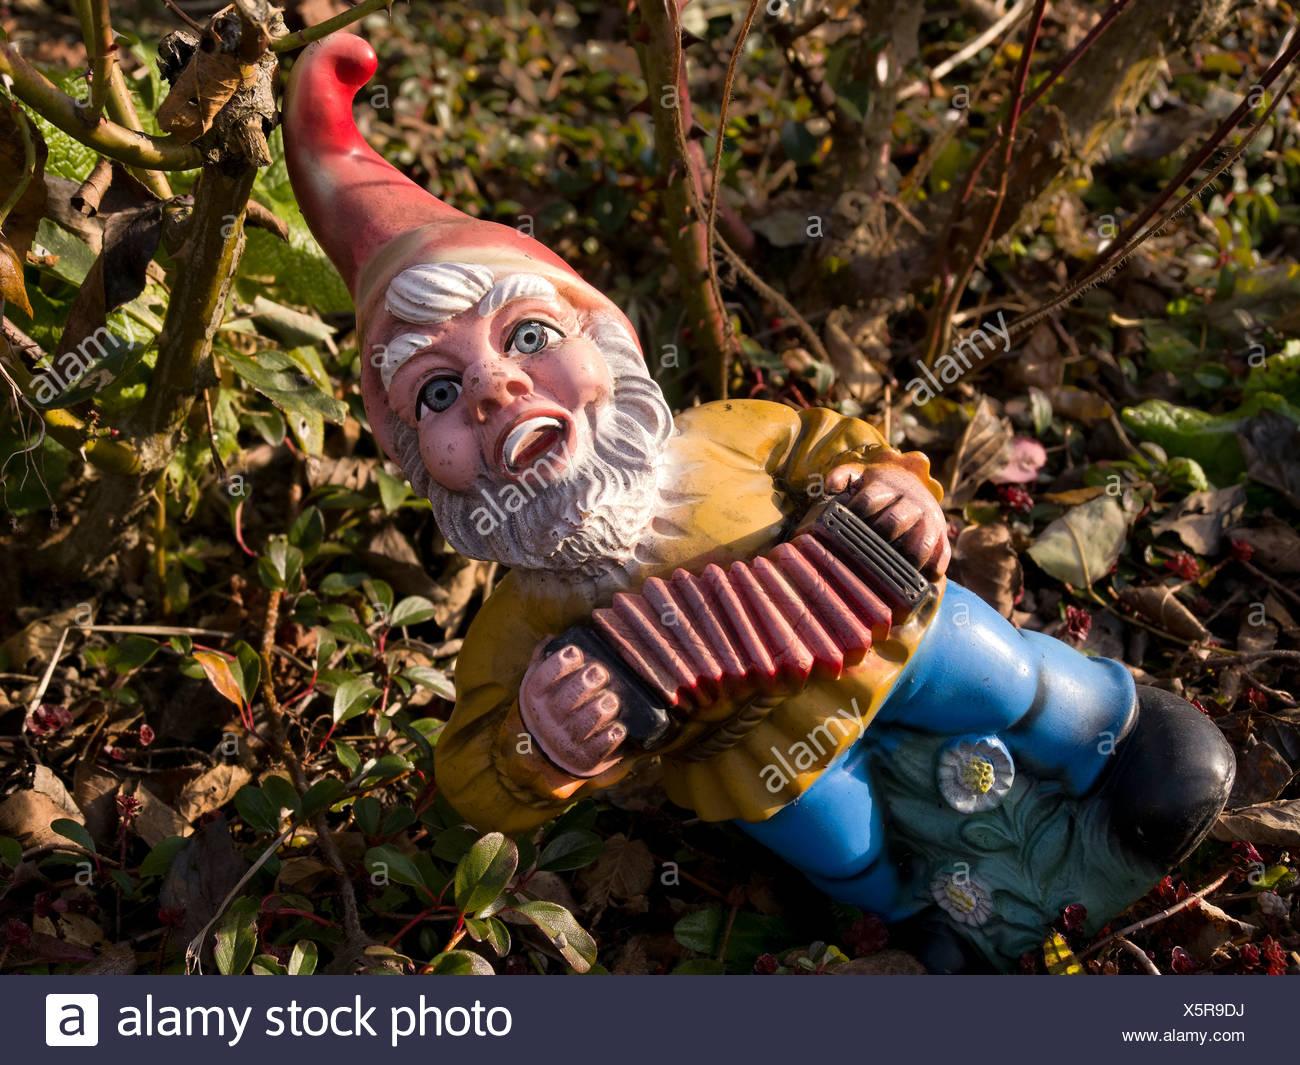 Garden Goblin Stock Photos & Garden Goblin Stock Images - Alamy